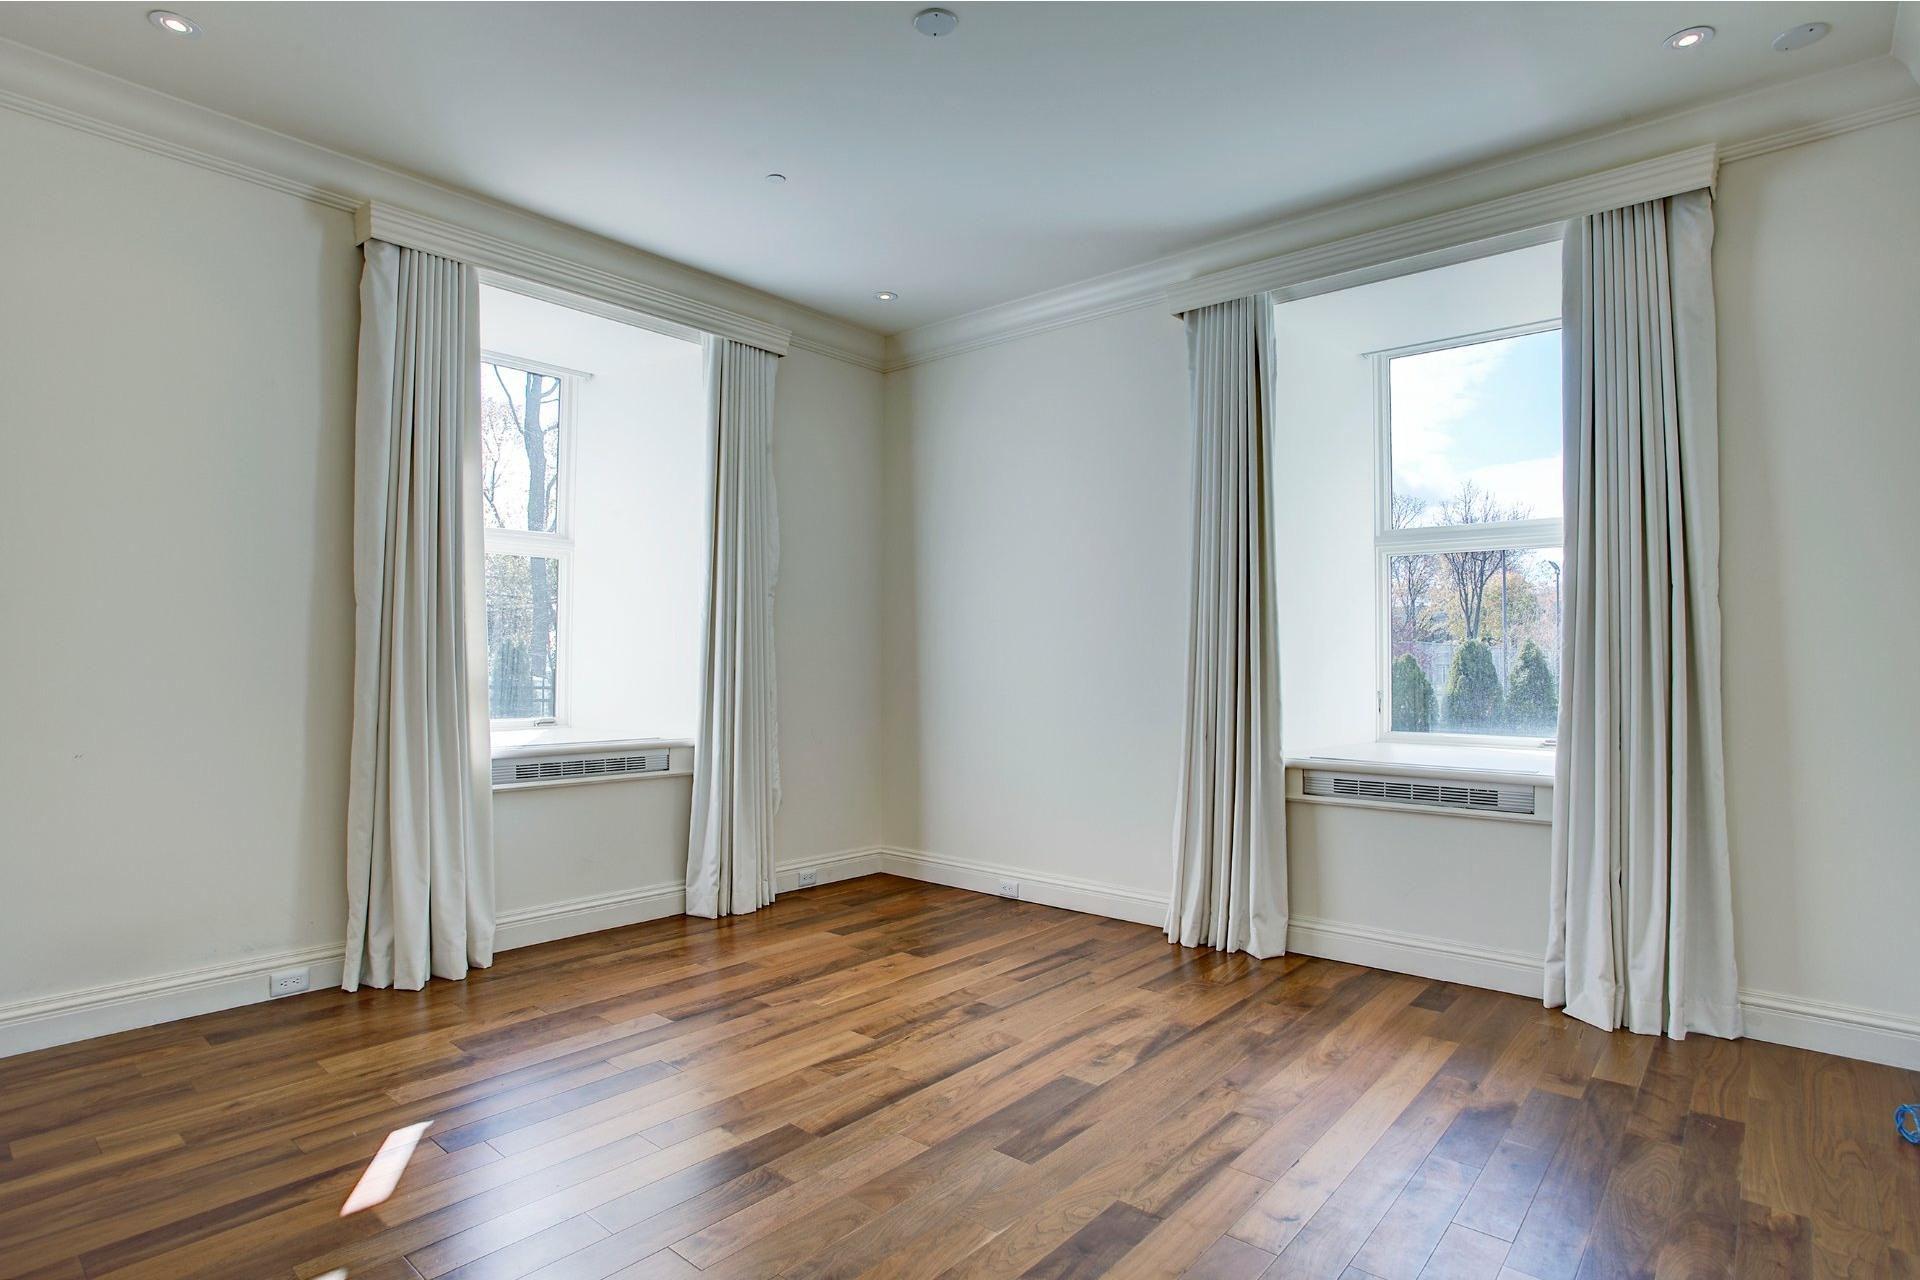 image 13 - Appartement À vendre Ville-Marie Montréal  - 4 pièces